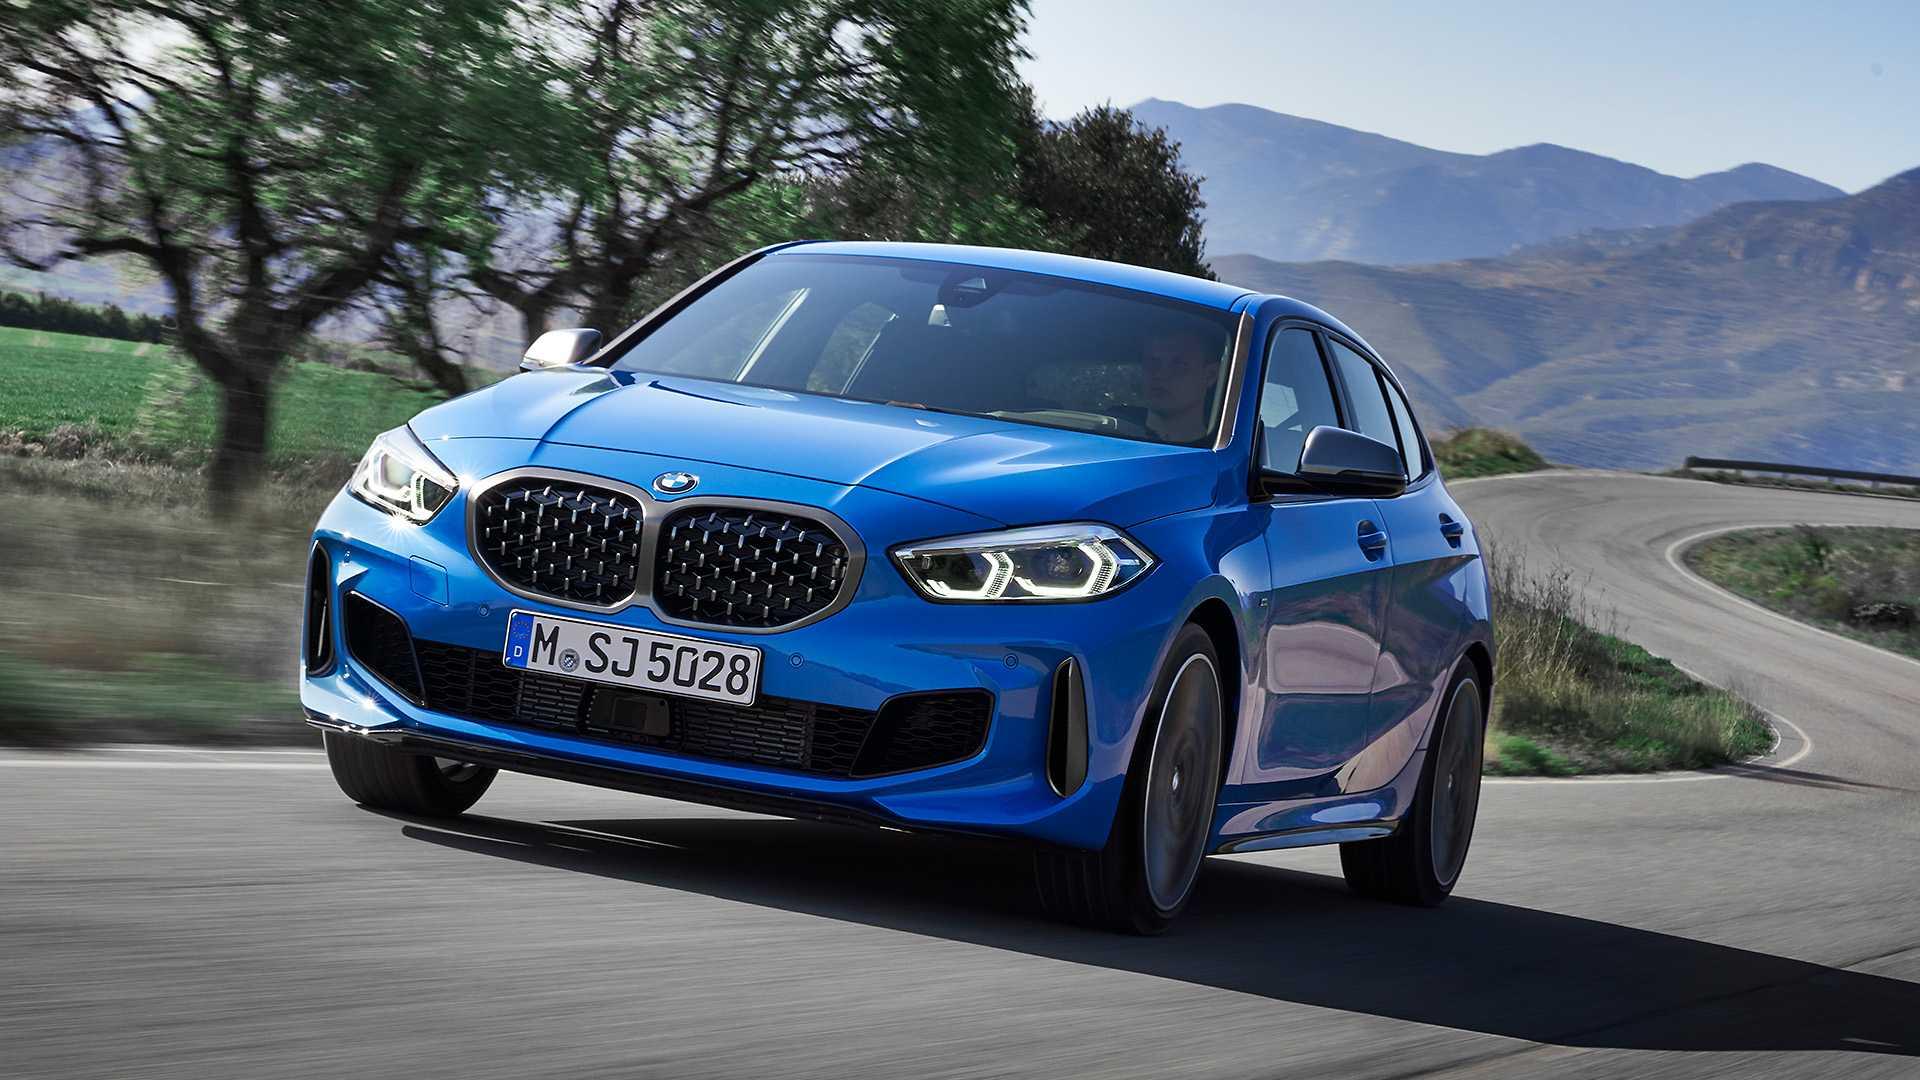 BMW 1 Series thế hệ mới, chiếc hatchback cỡ nhỏ chất không kém đàn anh X2 10